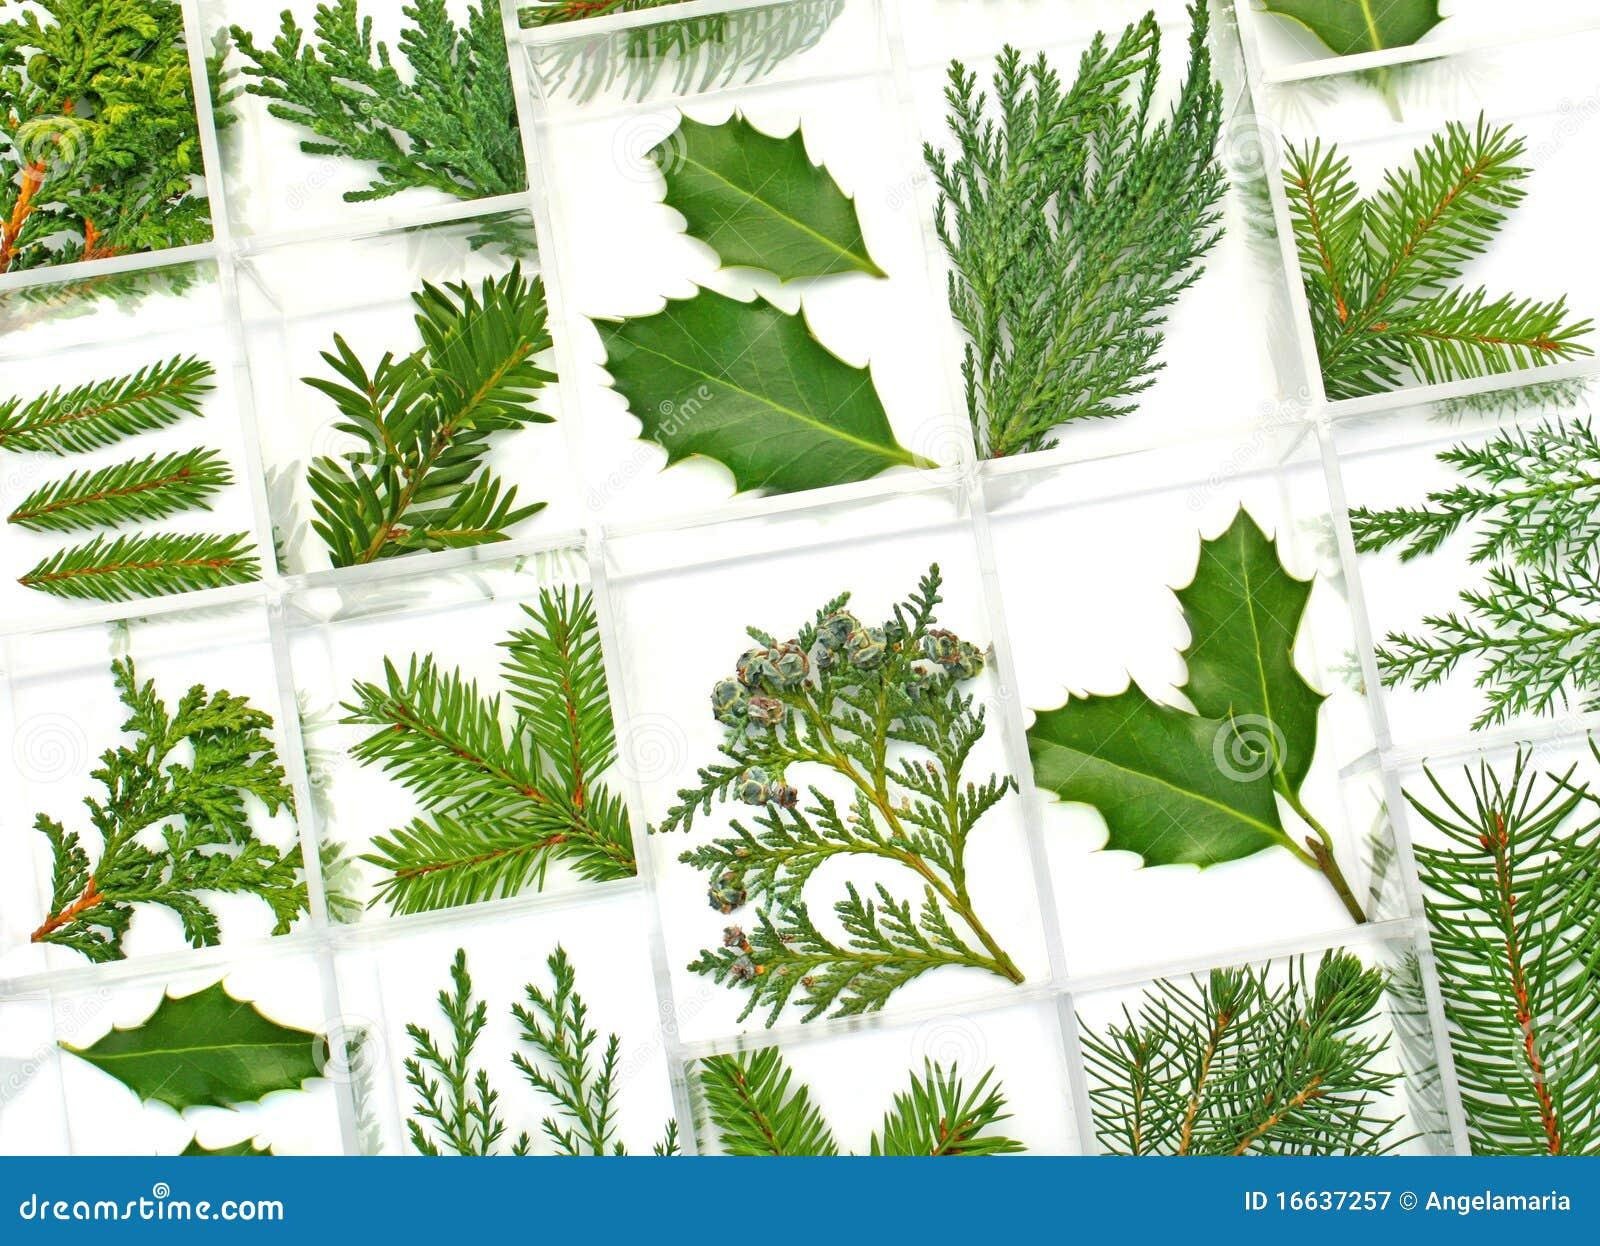 Hojas y plantas del verde - Plantas de hojas grandes y verdes de exterior ...